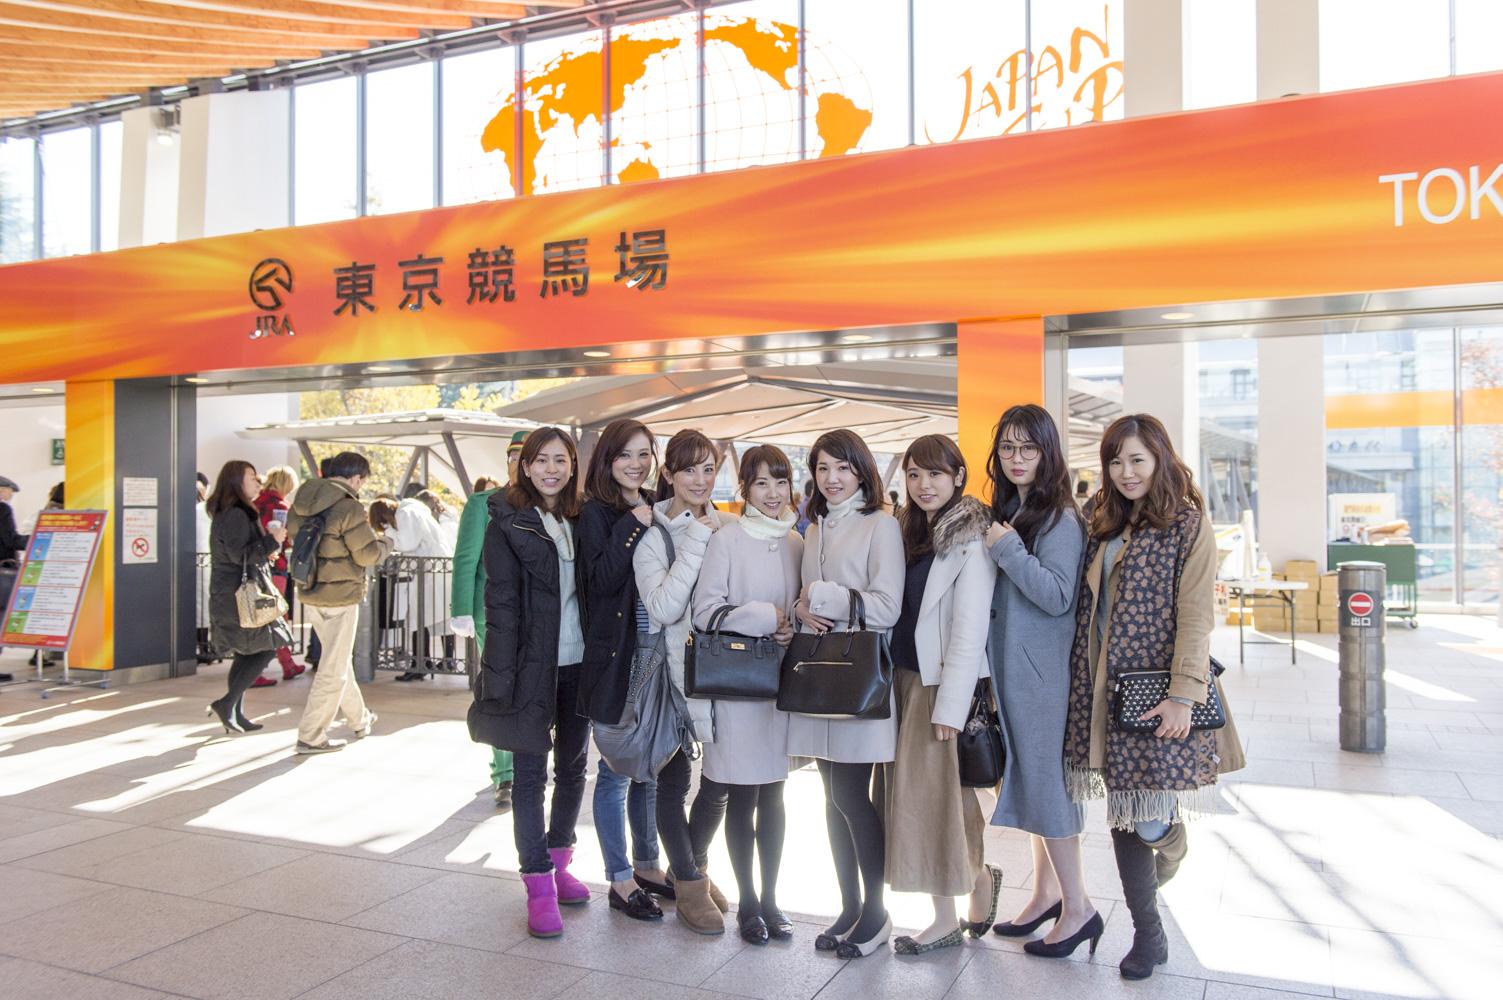 左から、荻野瀬里香さん(No.99)、大谷慶子さん(No.97)、大谷朋子さん(No.46)、滝沢晴香さん(No.231)、拝原利恵さん(No.206)、片桐優妃さん(No.115)、鈴木玲奈さん(No.128)、尾谷萌さん(No.63)。